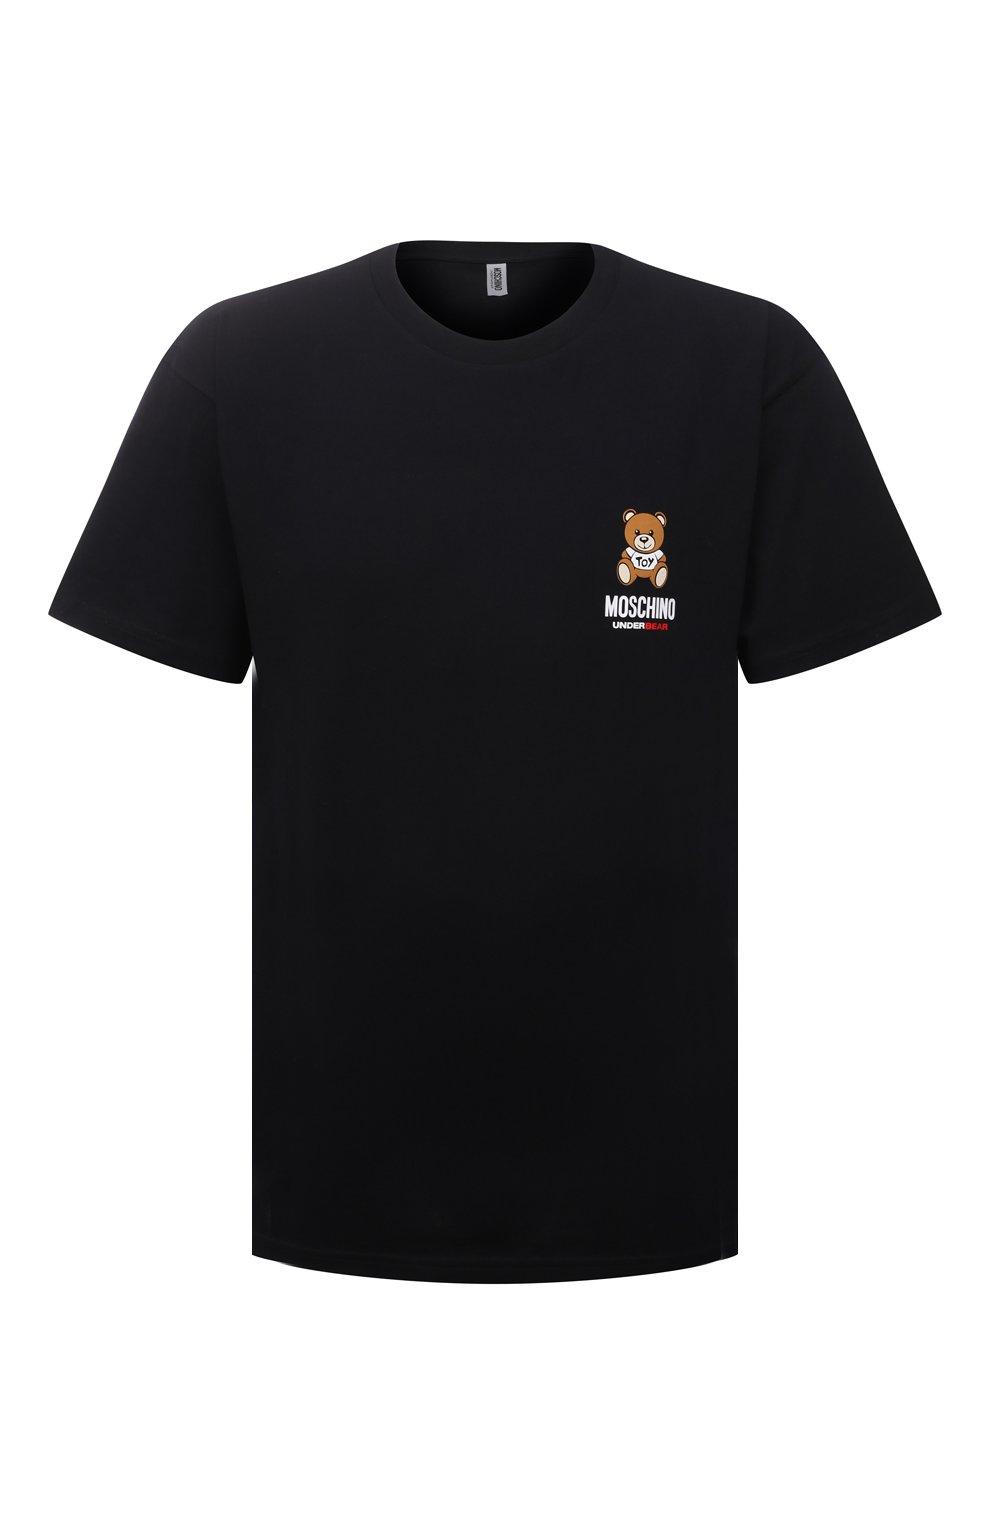 Мужская хлопковая футболка MOSCHINO черного цвета, арт. A1923/8125   Фото 1 (Кросс-КТ: домашняя одежда; Рукава: Короткие; Длина (для топов): Стандартные; Материал внешний: Хлопок; Мужское Кросс-КТ: Футболка-белье)